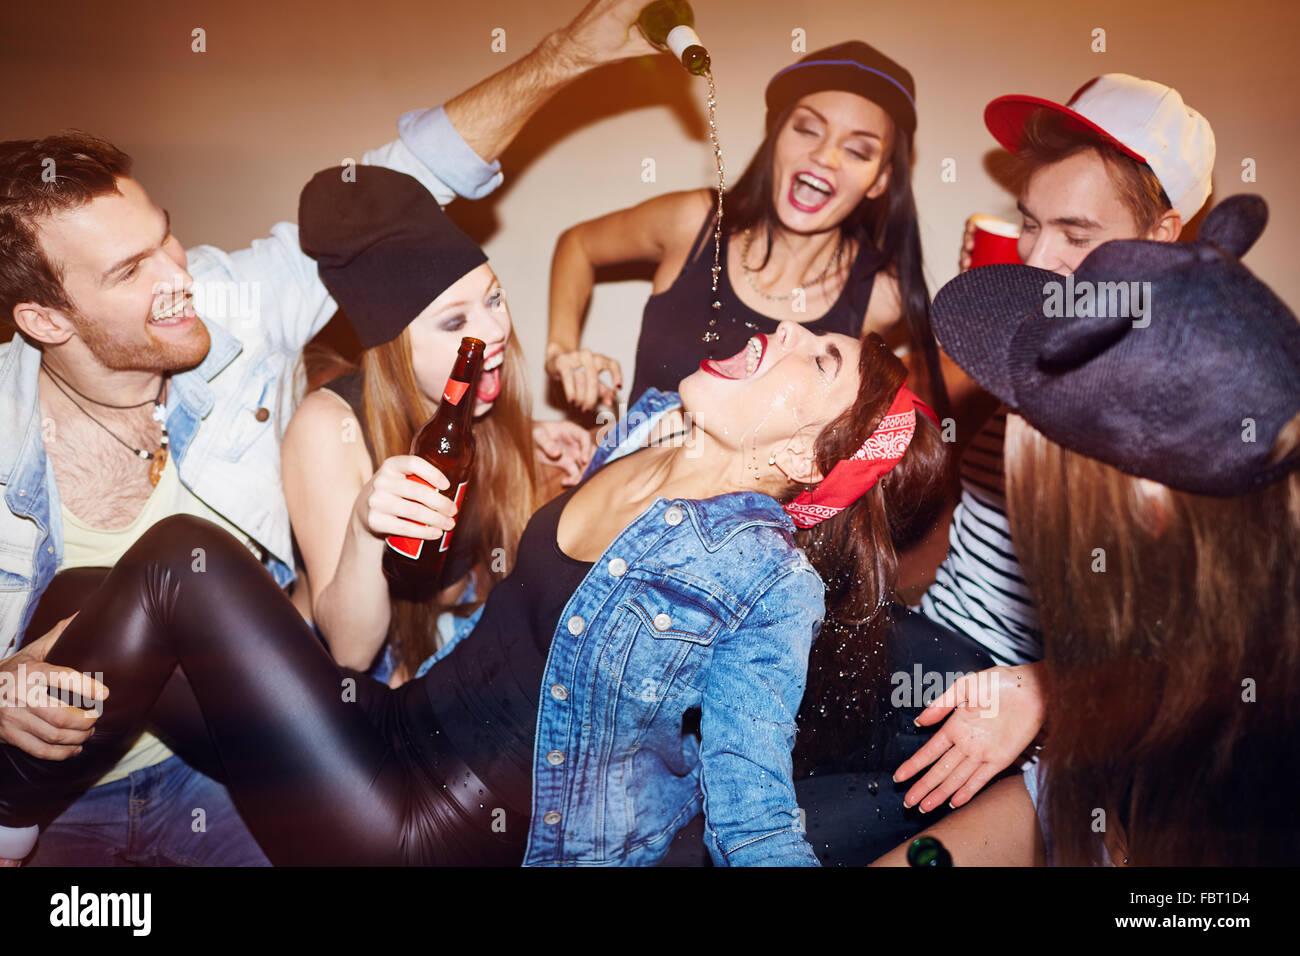 Amici di estatica spillatura della birra in bocca ragazza a swag party Immagini Stock